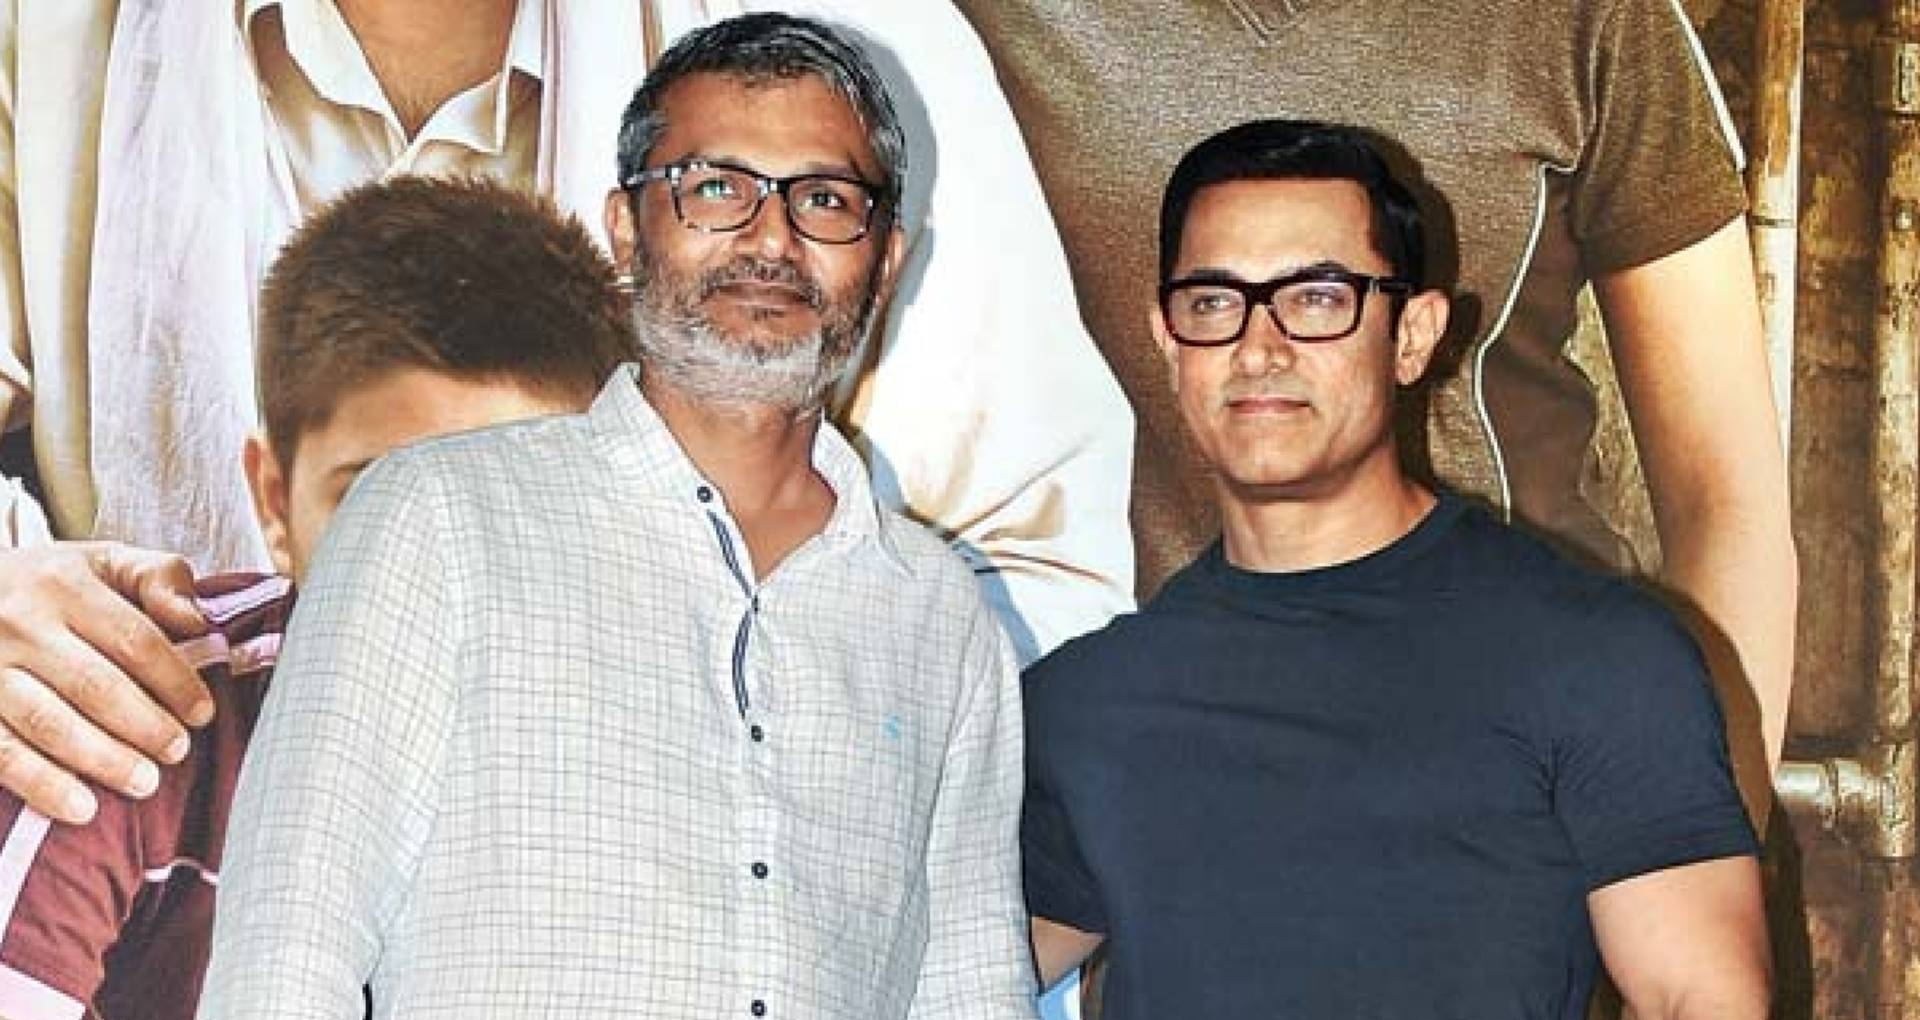 नितेश तिवारी के इस फिल्म में दिखेंगे आमिर खान, देंगे सुशांत सिंह राजपूत-श्रद्धा कपूर का साथ